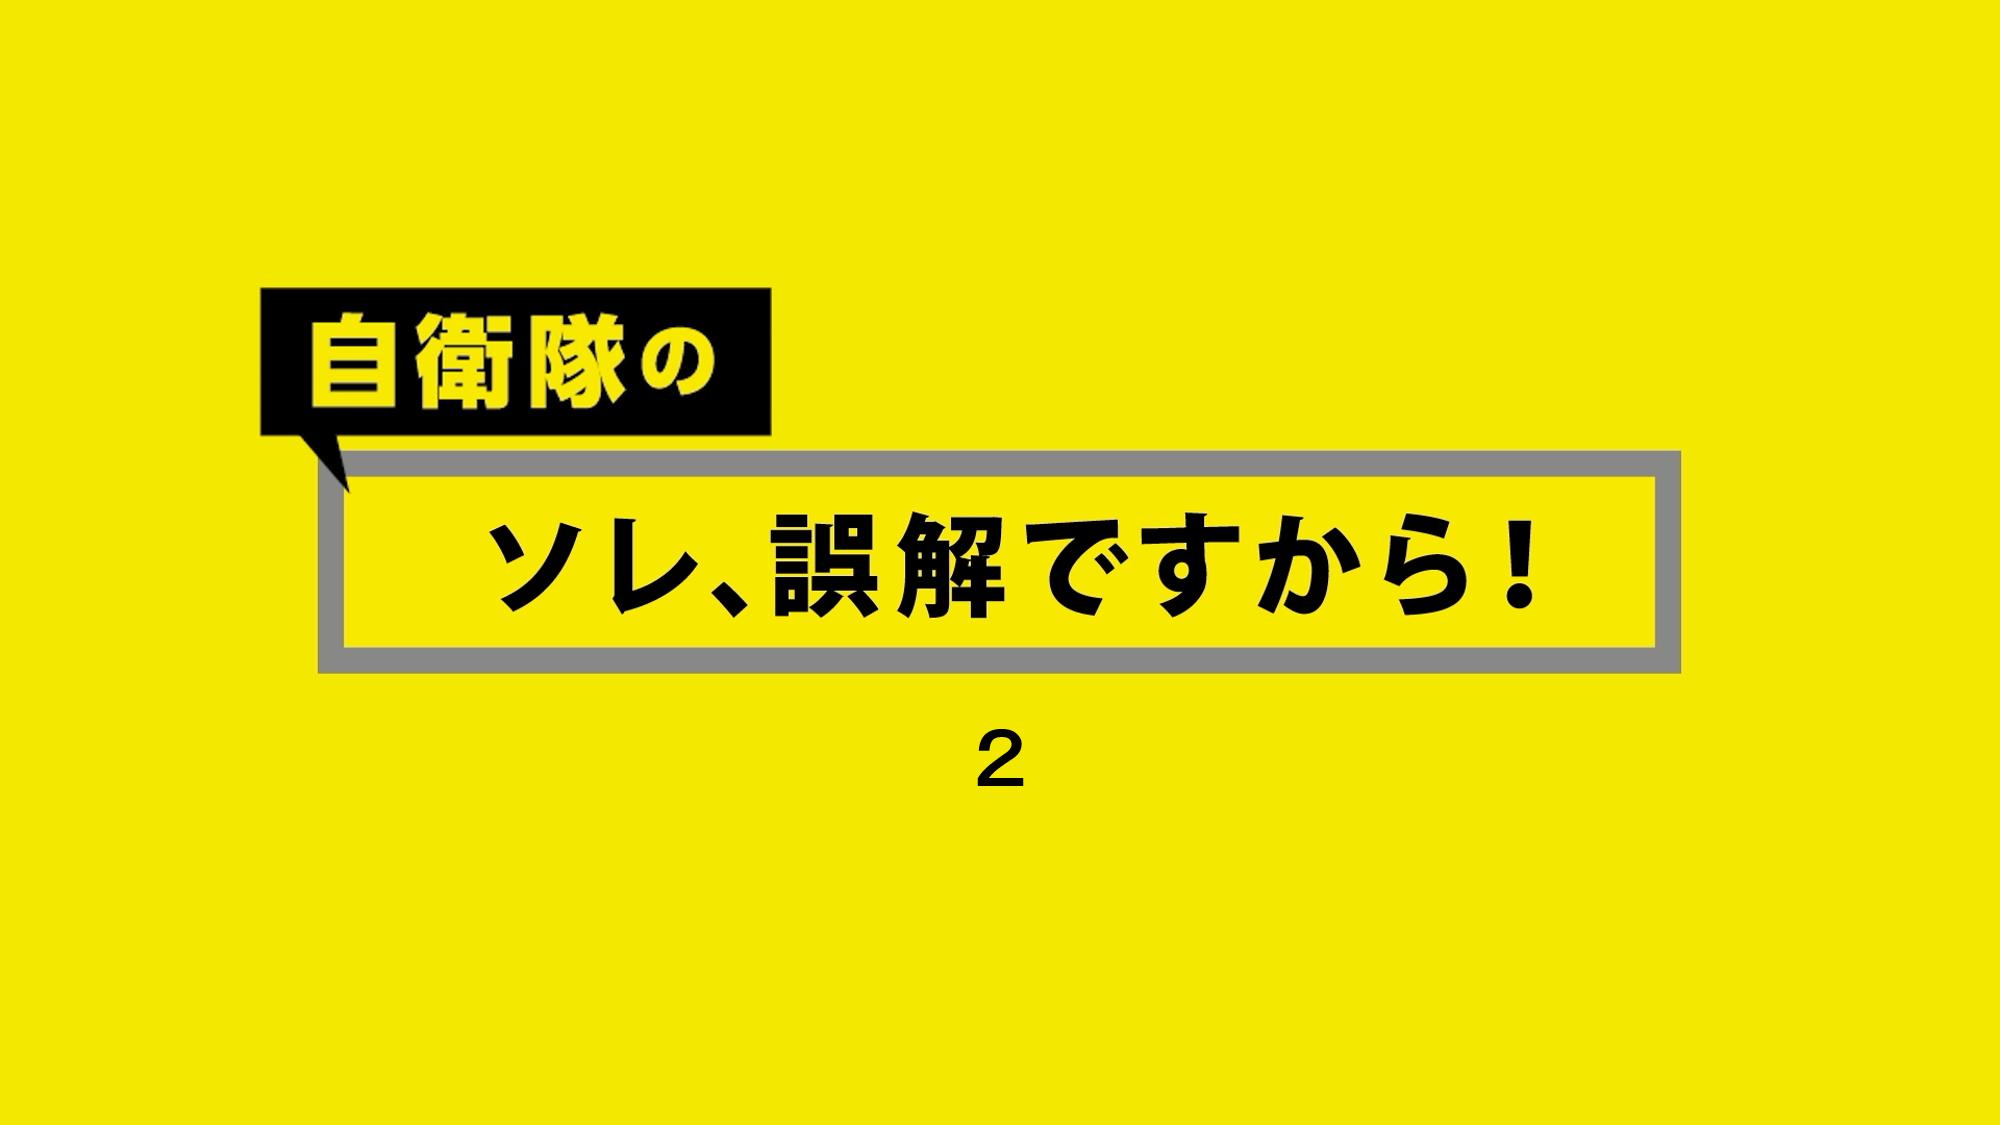 爆 サイ 鳥取 県 コロナ 鳥取市雑談掲示板 ローカルクチコミ爆サイ.com山陰版